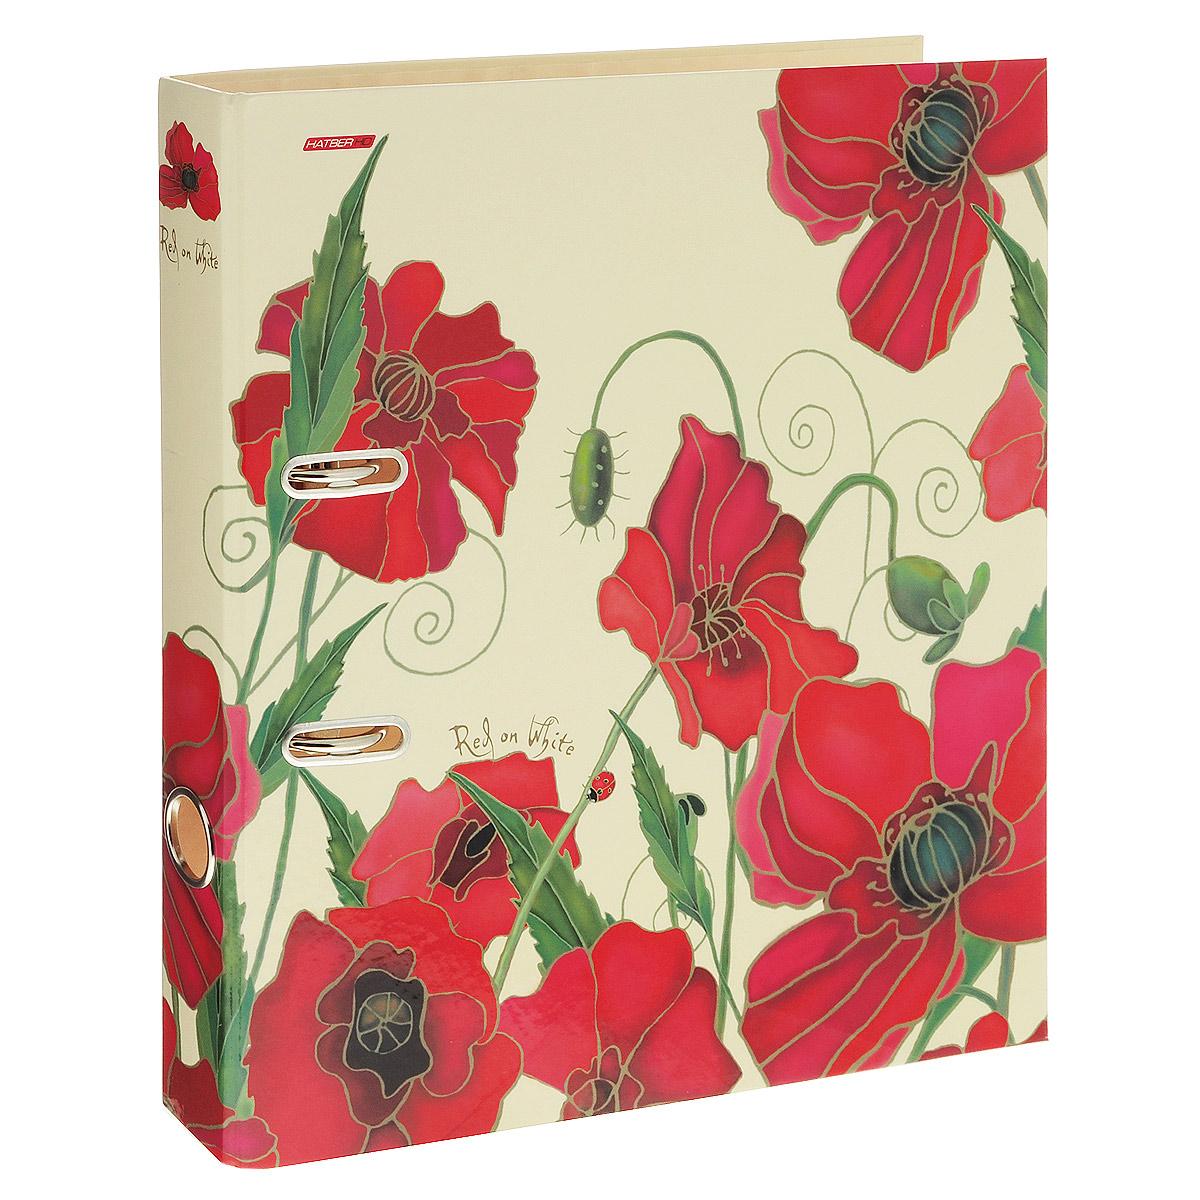 Папка-регистратор Hatber Red on White, ширина корешка 45 мм, цвет: бежевый, красныйПР4_10642Красочная папка-регистратор Hatber Red on White пригодится в каждом офисе и доме для хранения больших объемов документов. Внешняя сторона папки выполнена из плотного ламинированного картона бежевого цвета и оформлена изображениями красных цветов.Папка-регистратор оснащена надежным арочным механизмом крепления бумаги. Круглое отверстие в корешке папки облегчит ее извлечение с полки.